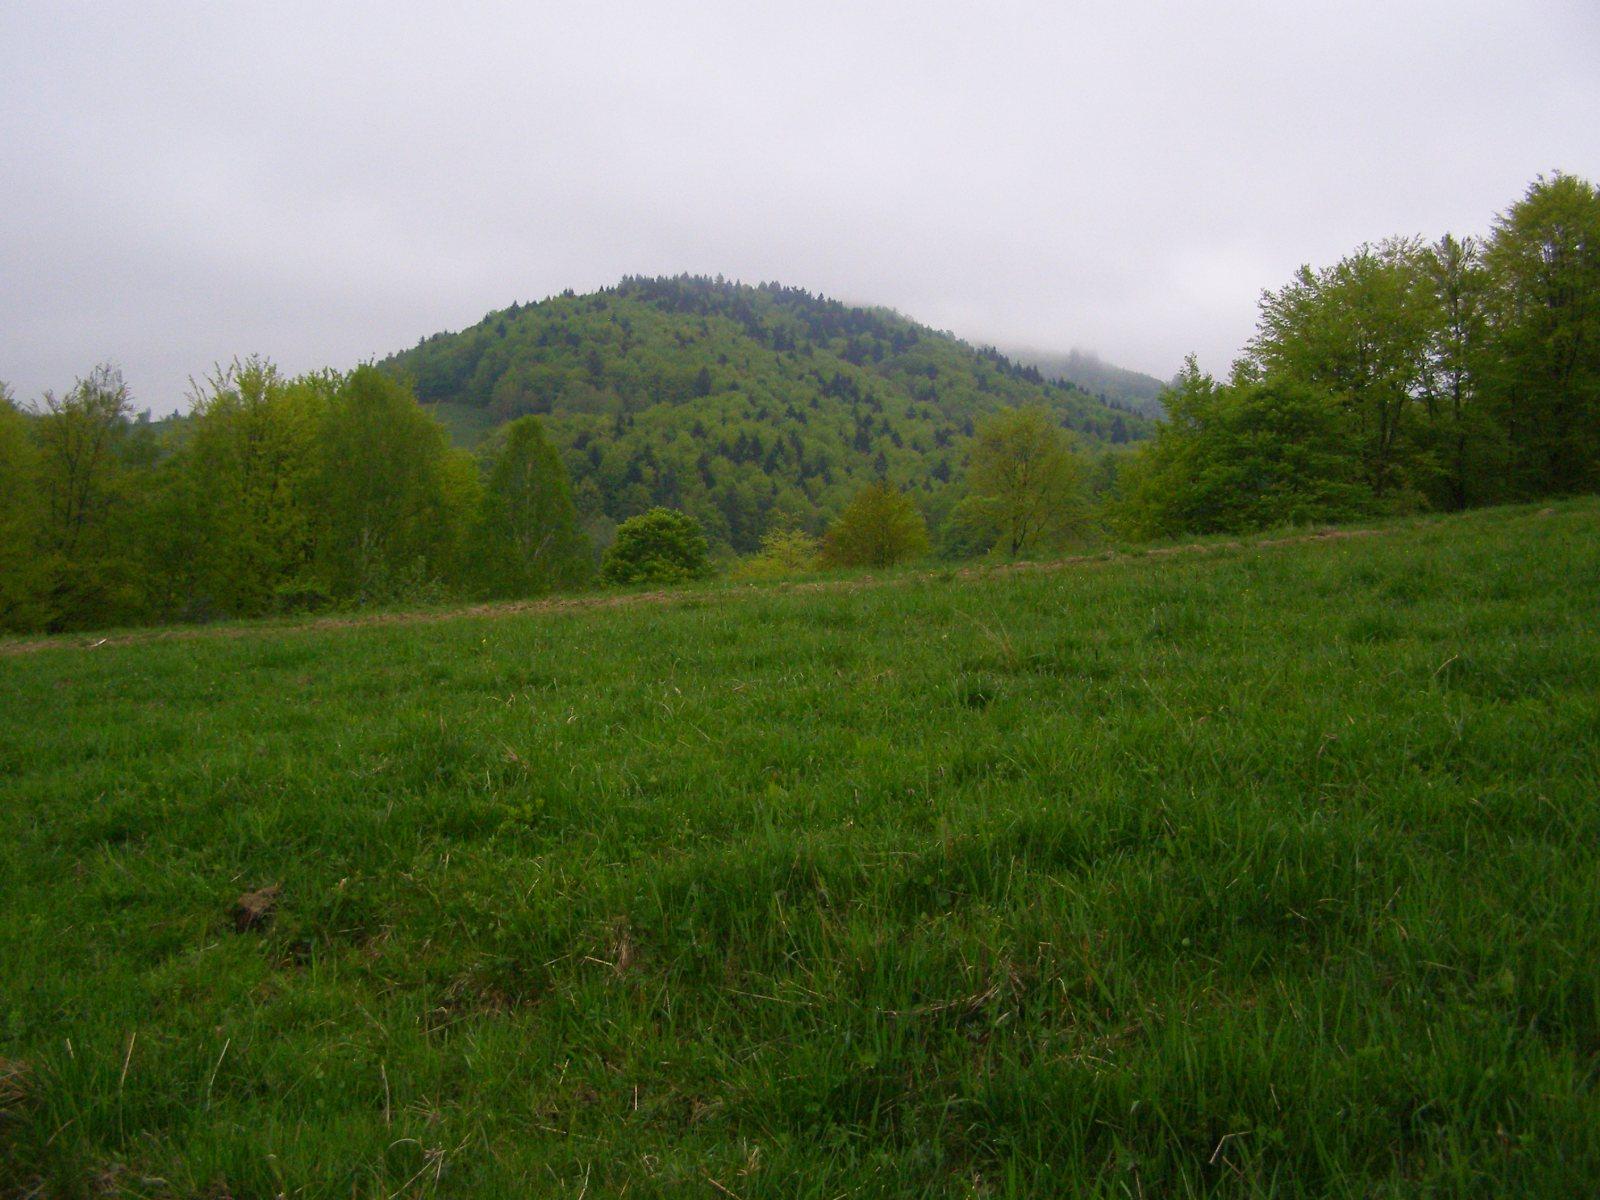 ce3068 - Góry Czerchowskie i majówkowa wyrypa - Cergov